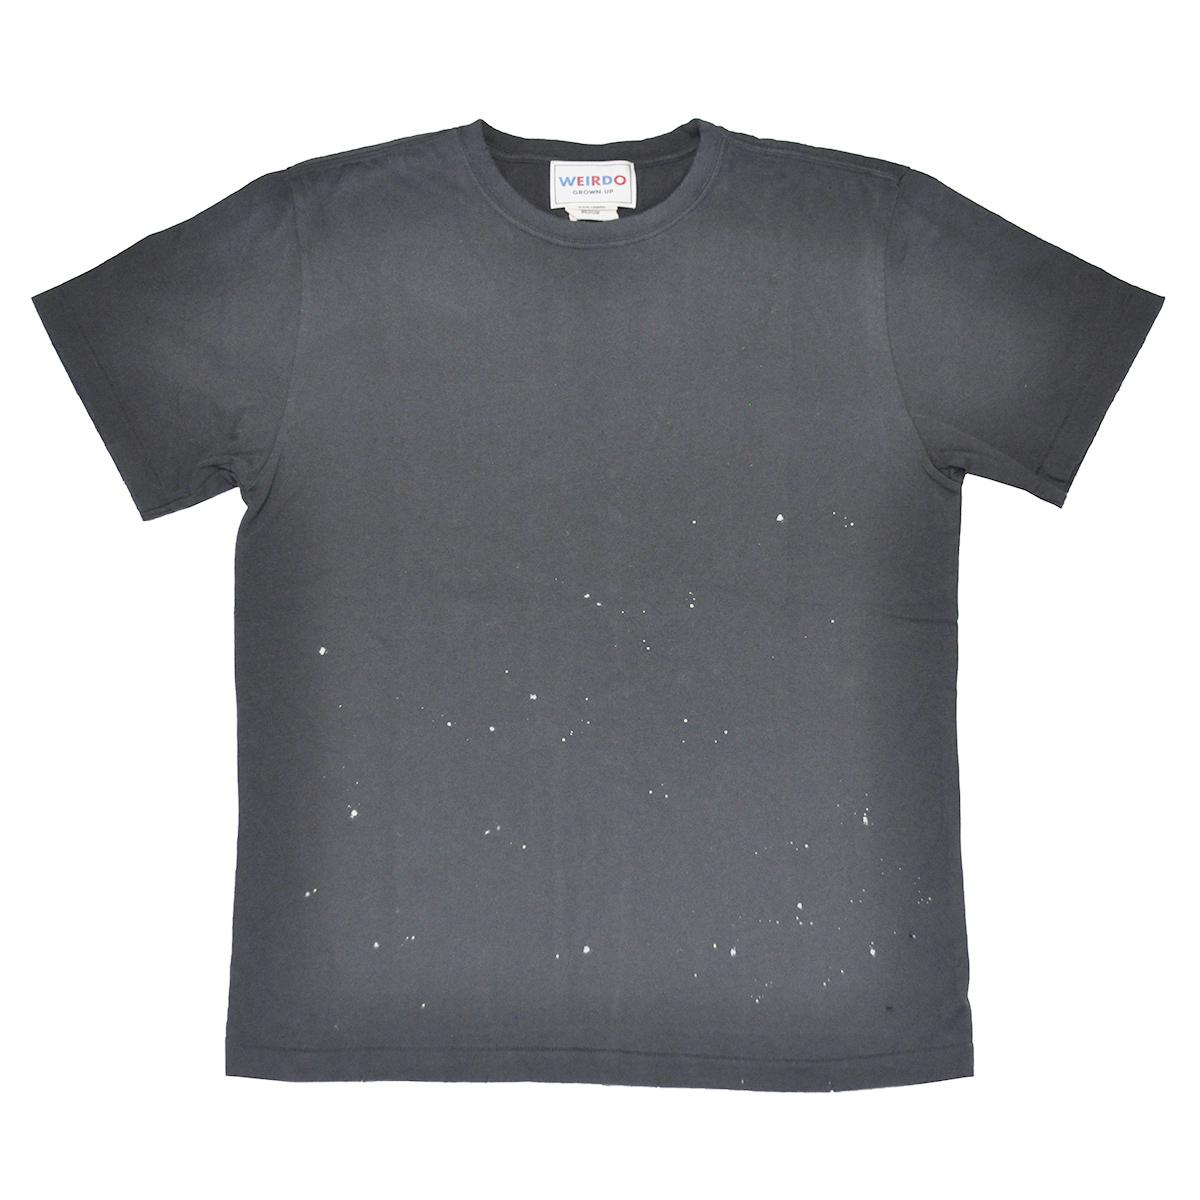 セール 40% OFF SALE WEIRDO ROAD FREAK KICKER - S/S T-SHIRTS (BLACK)